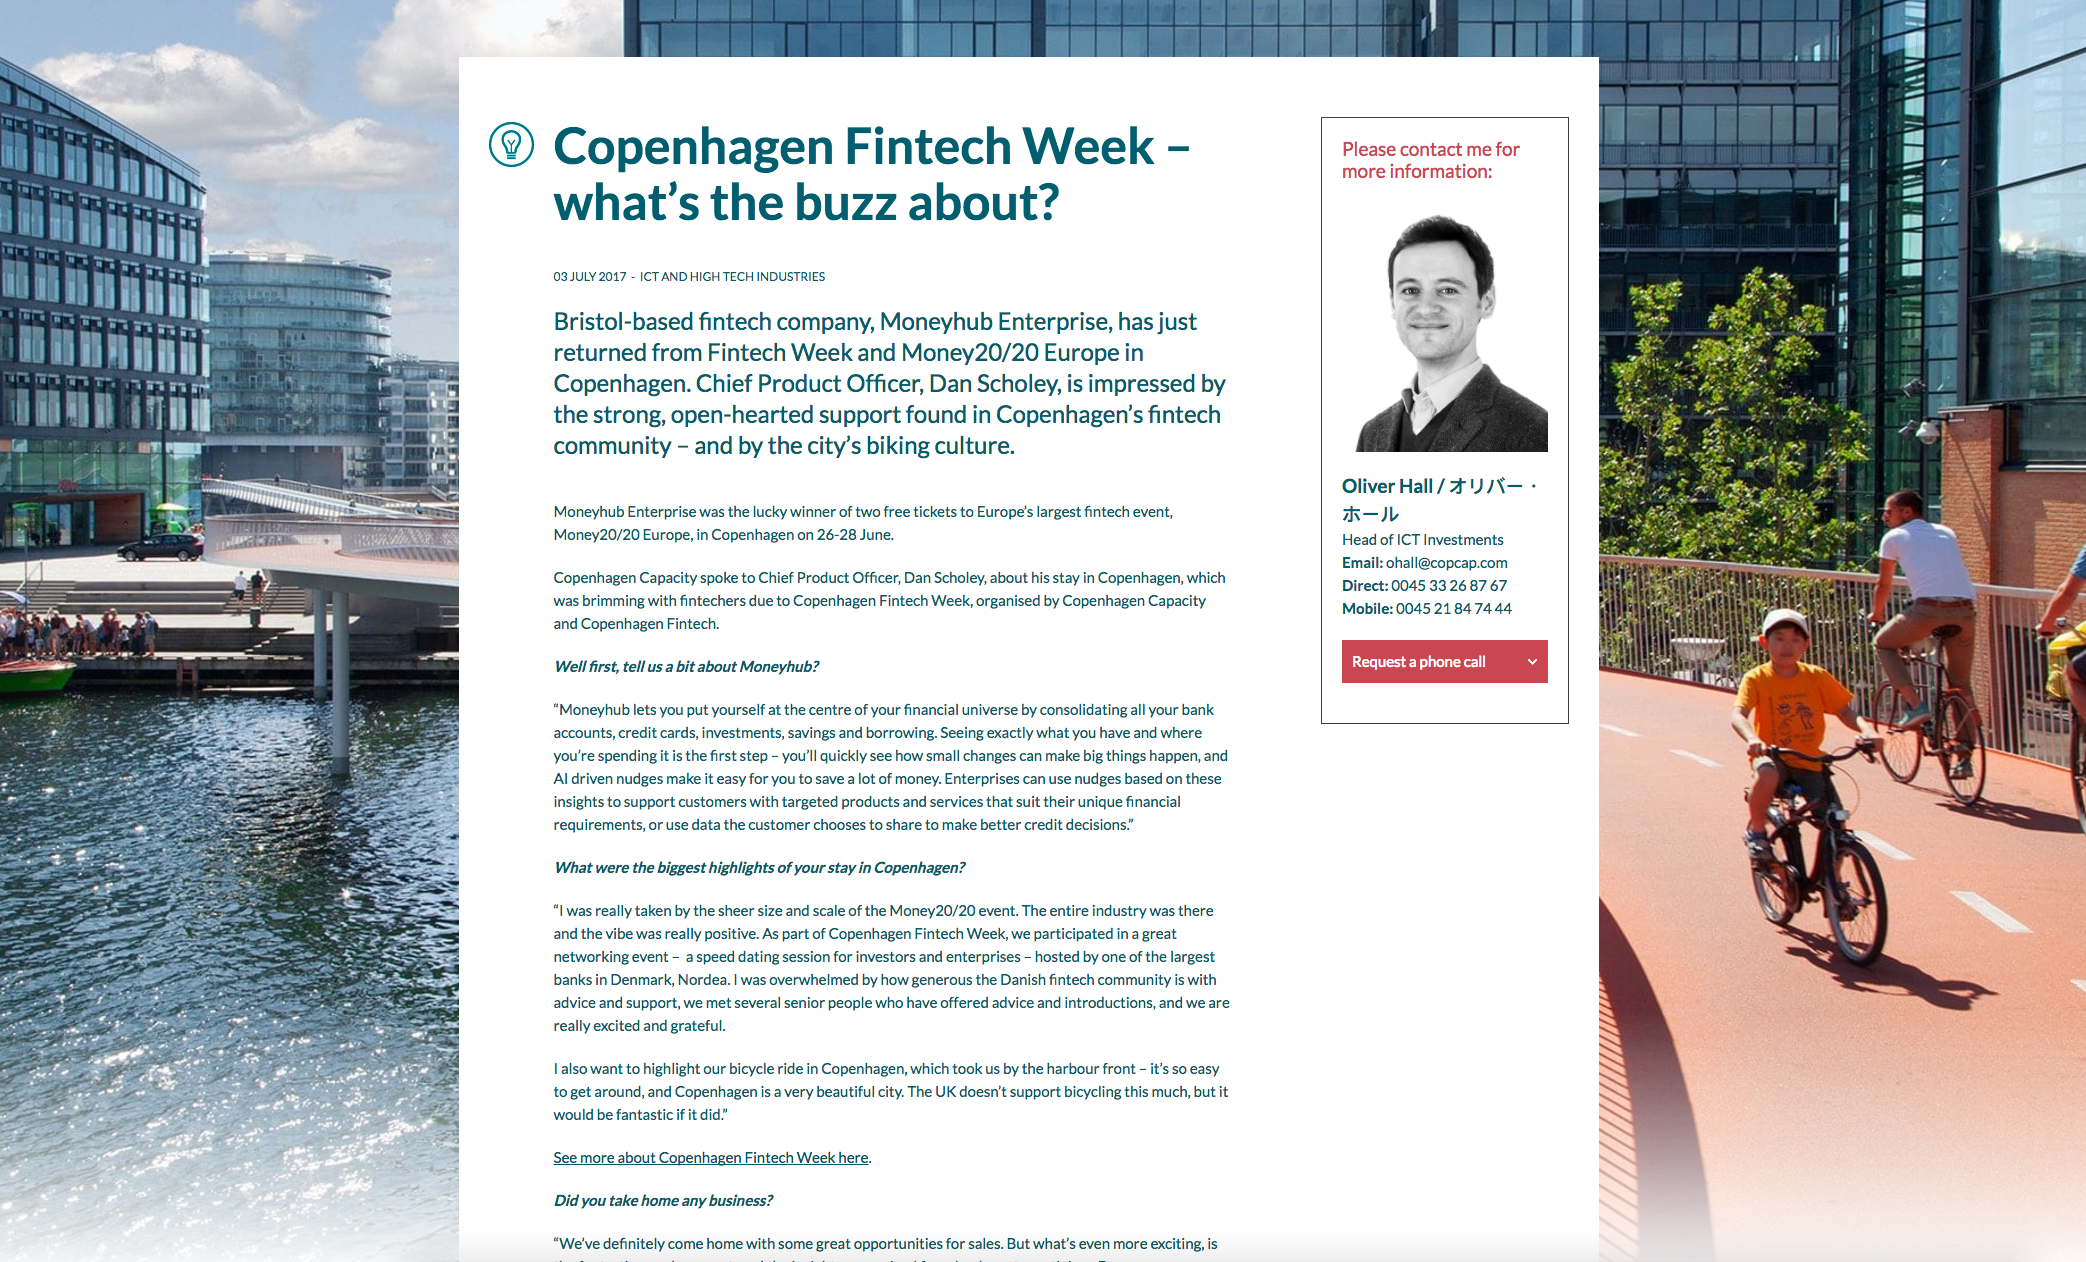 Copenhagen Fintech Week article